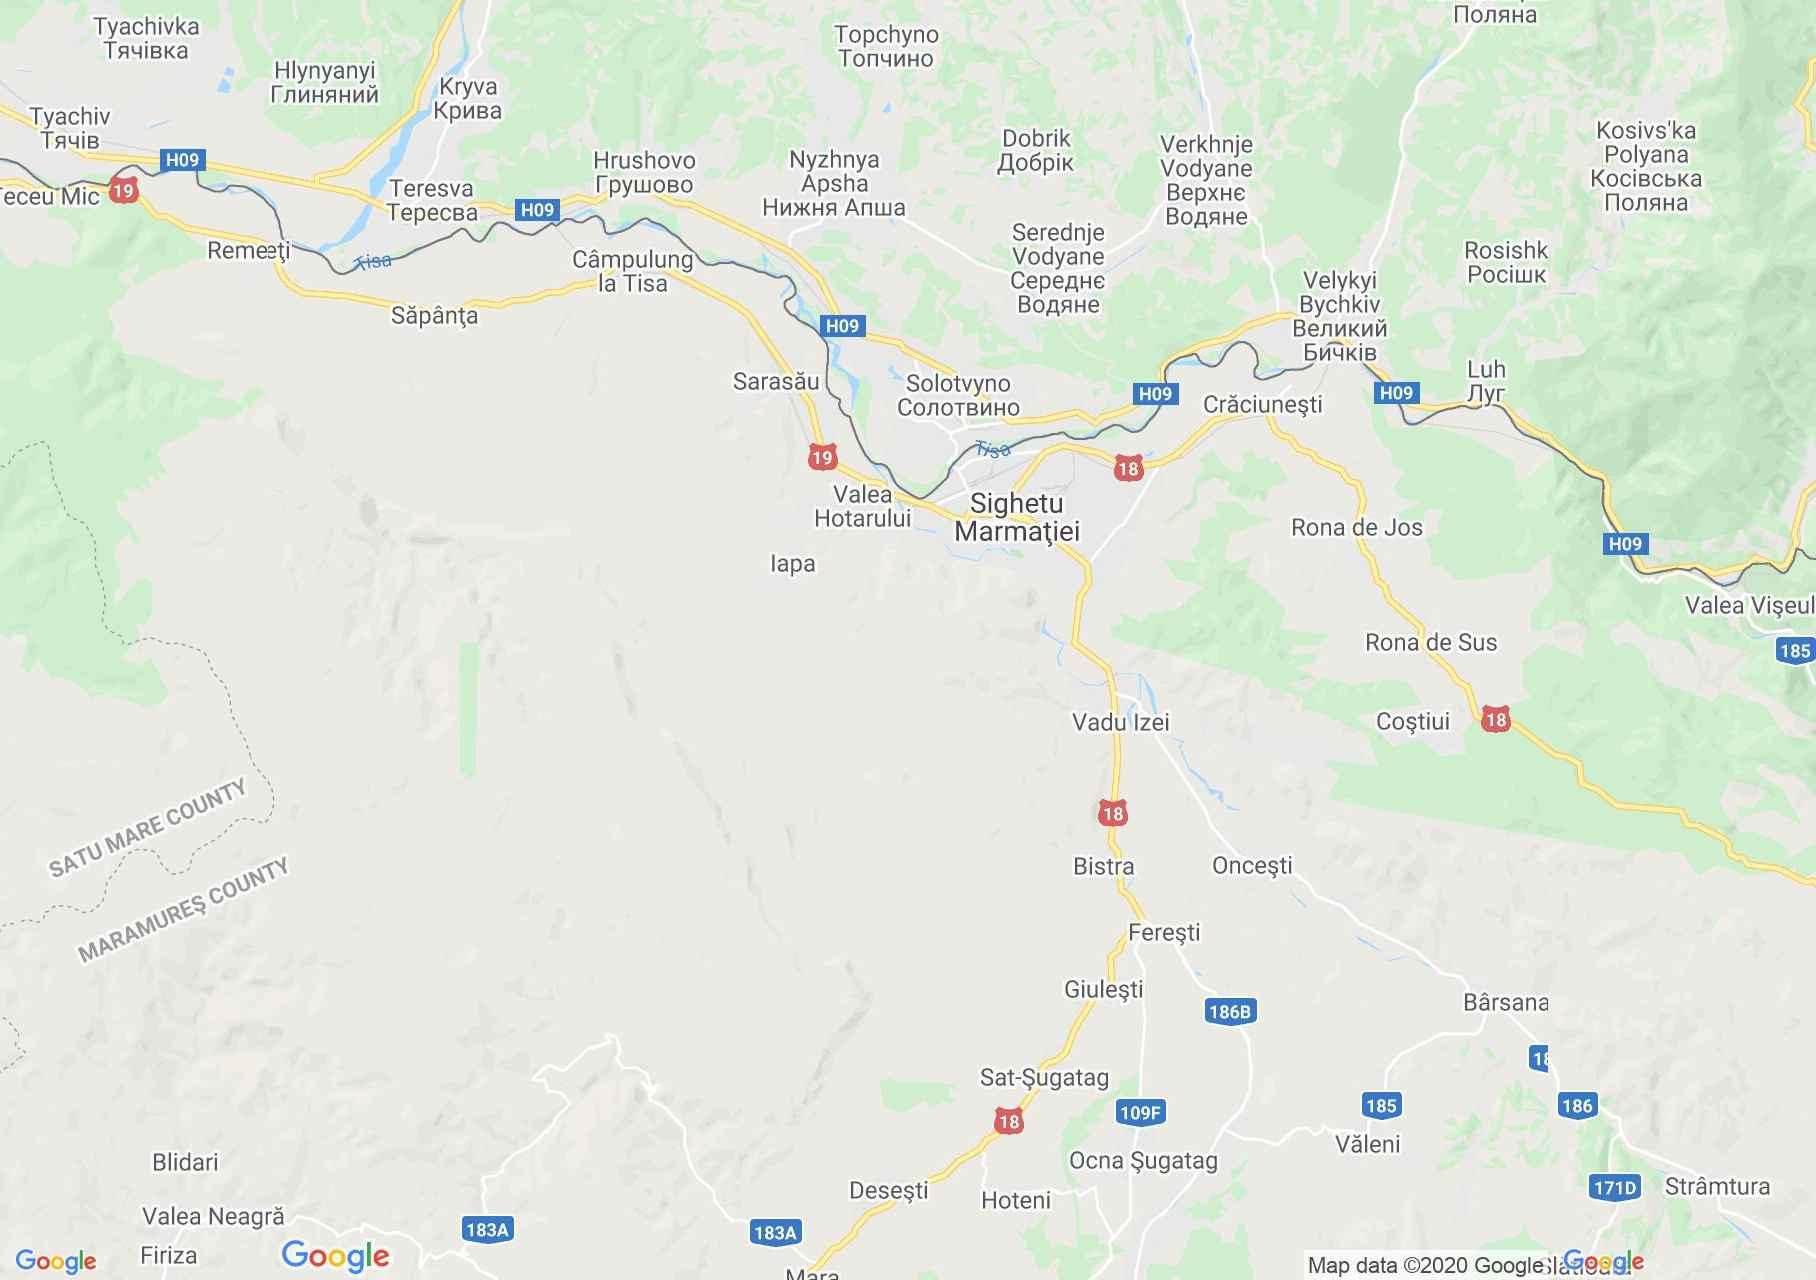 Sighetu Marmaţiei area, Interactive tourist map